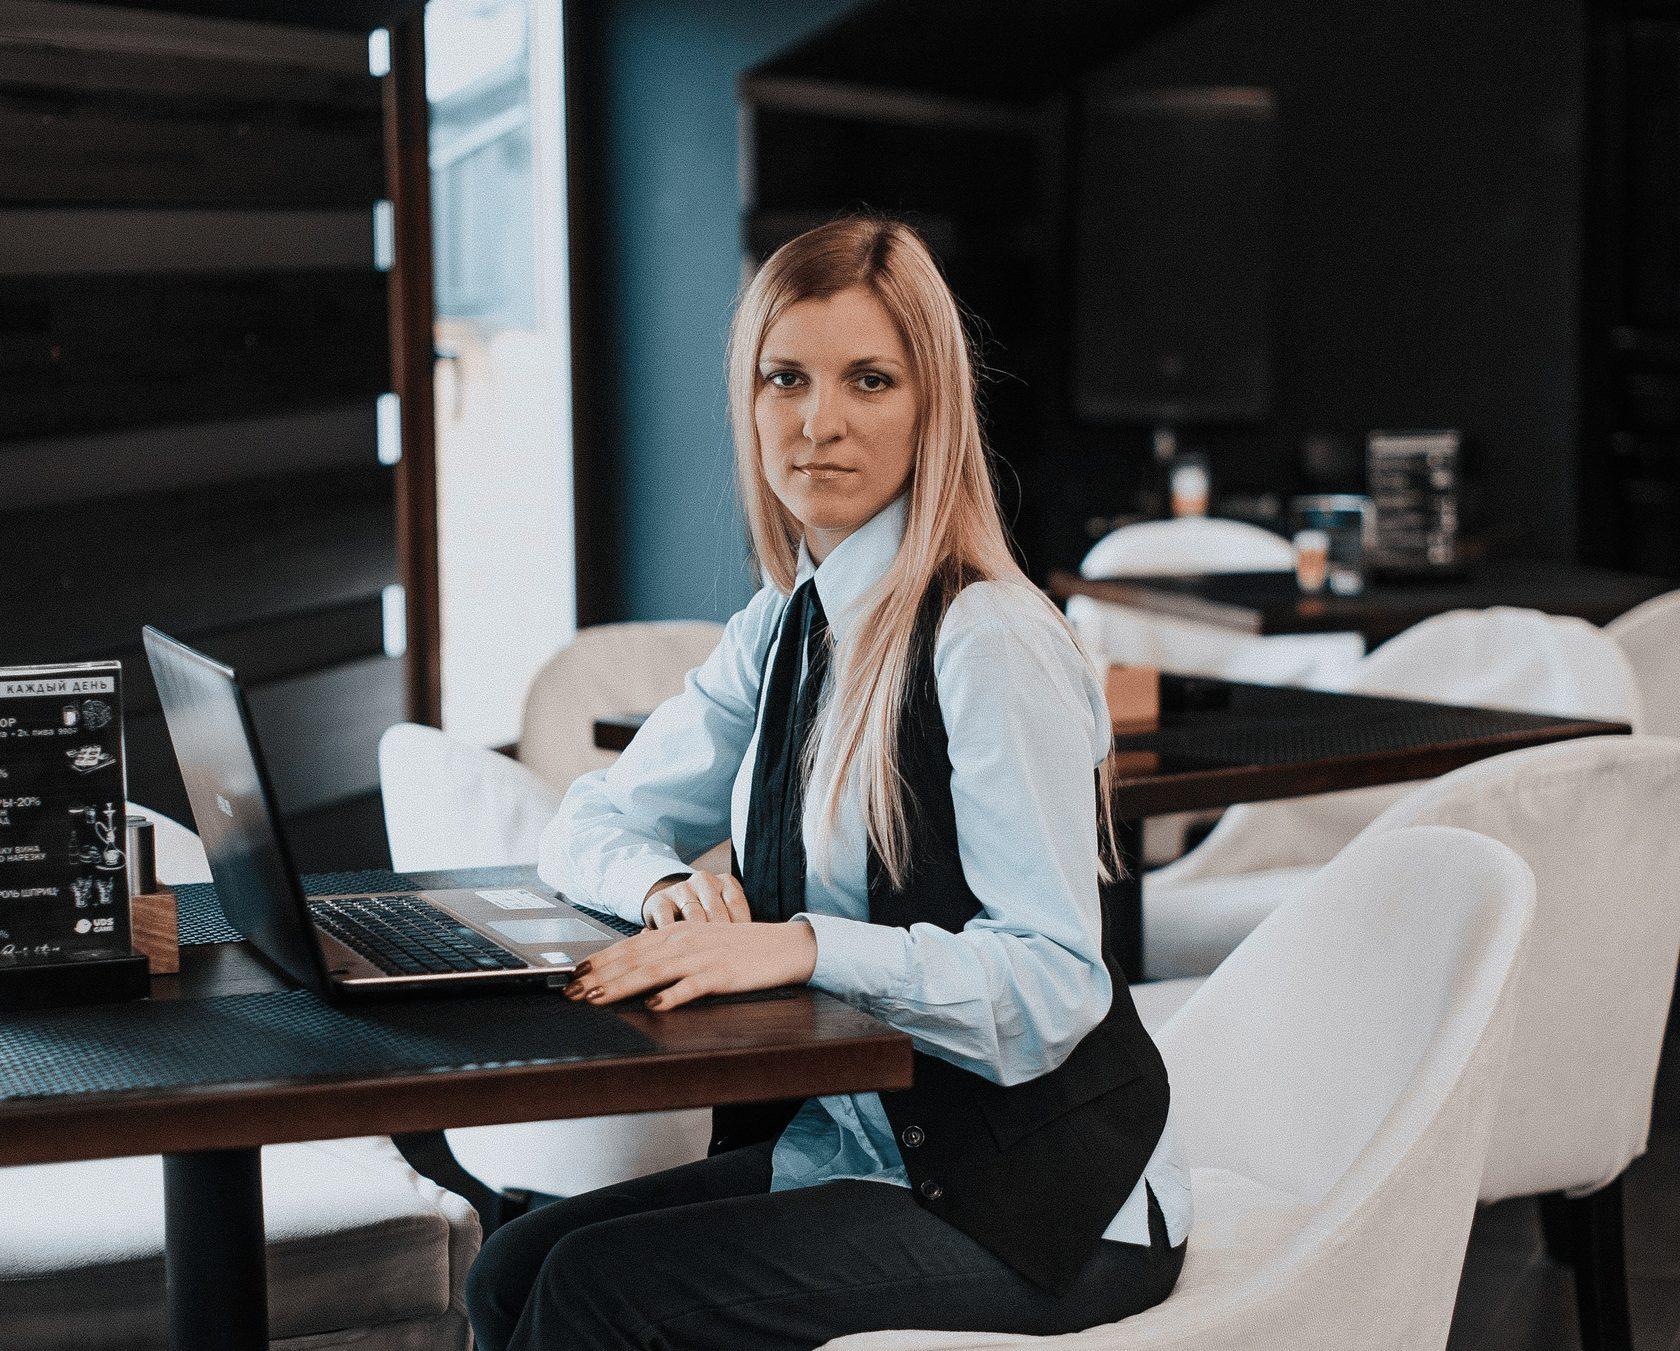 Работа бухгалтера на дому вакансии москва вакансии в строительные организации бухгалтера